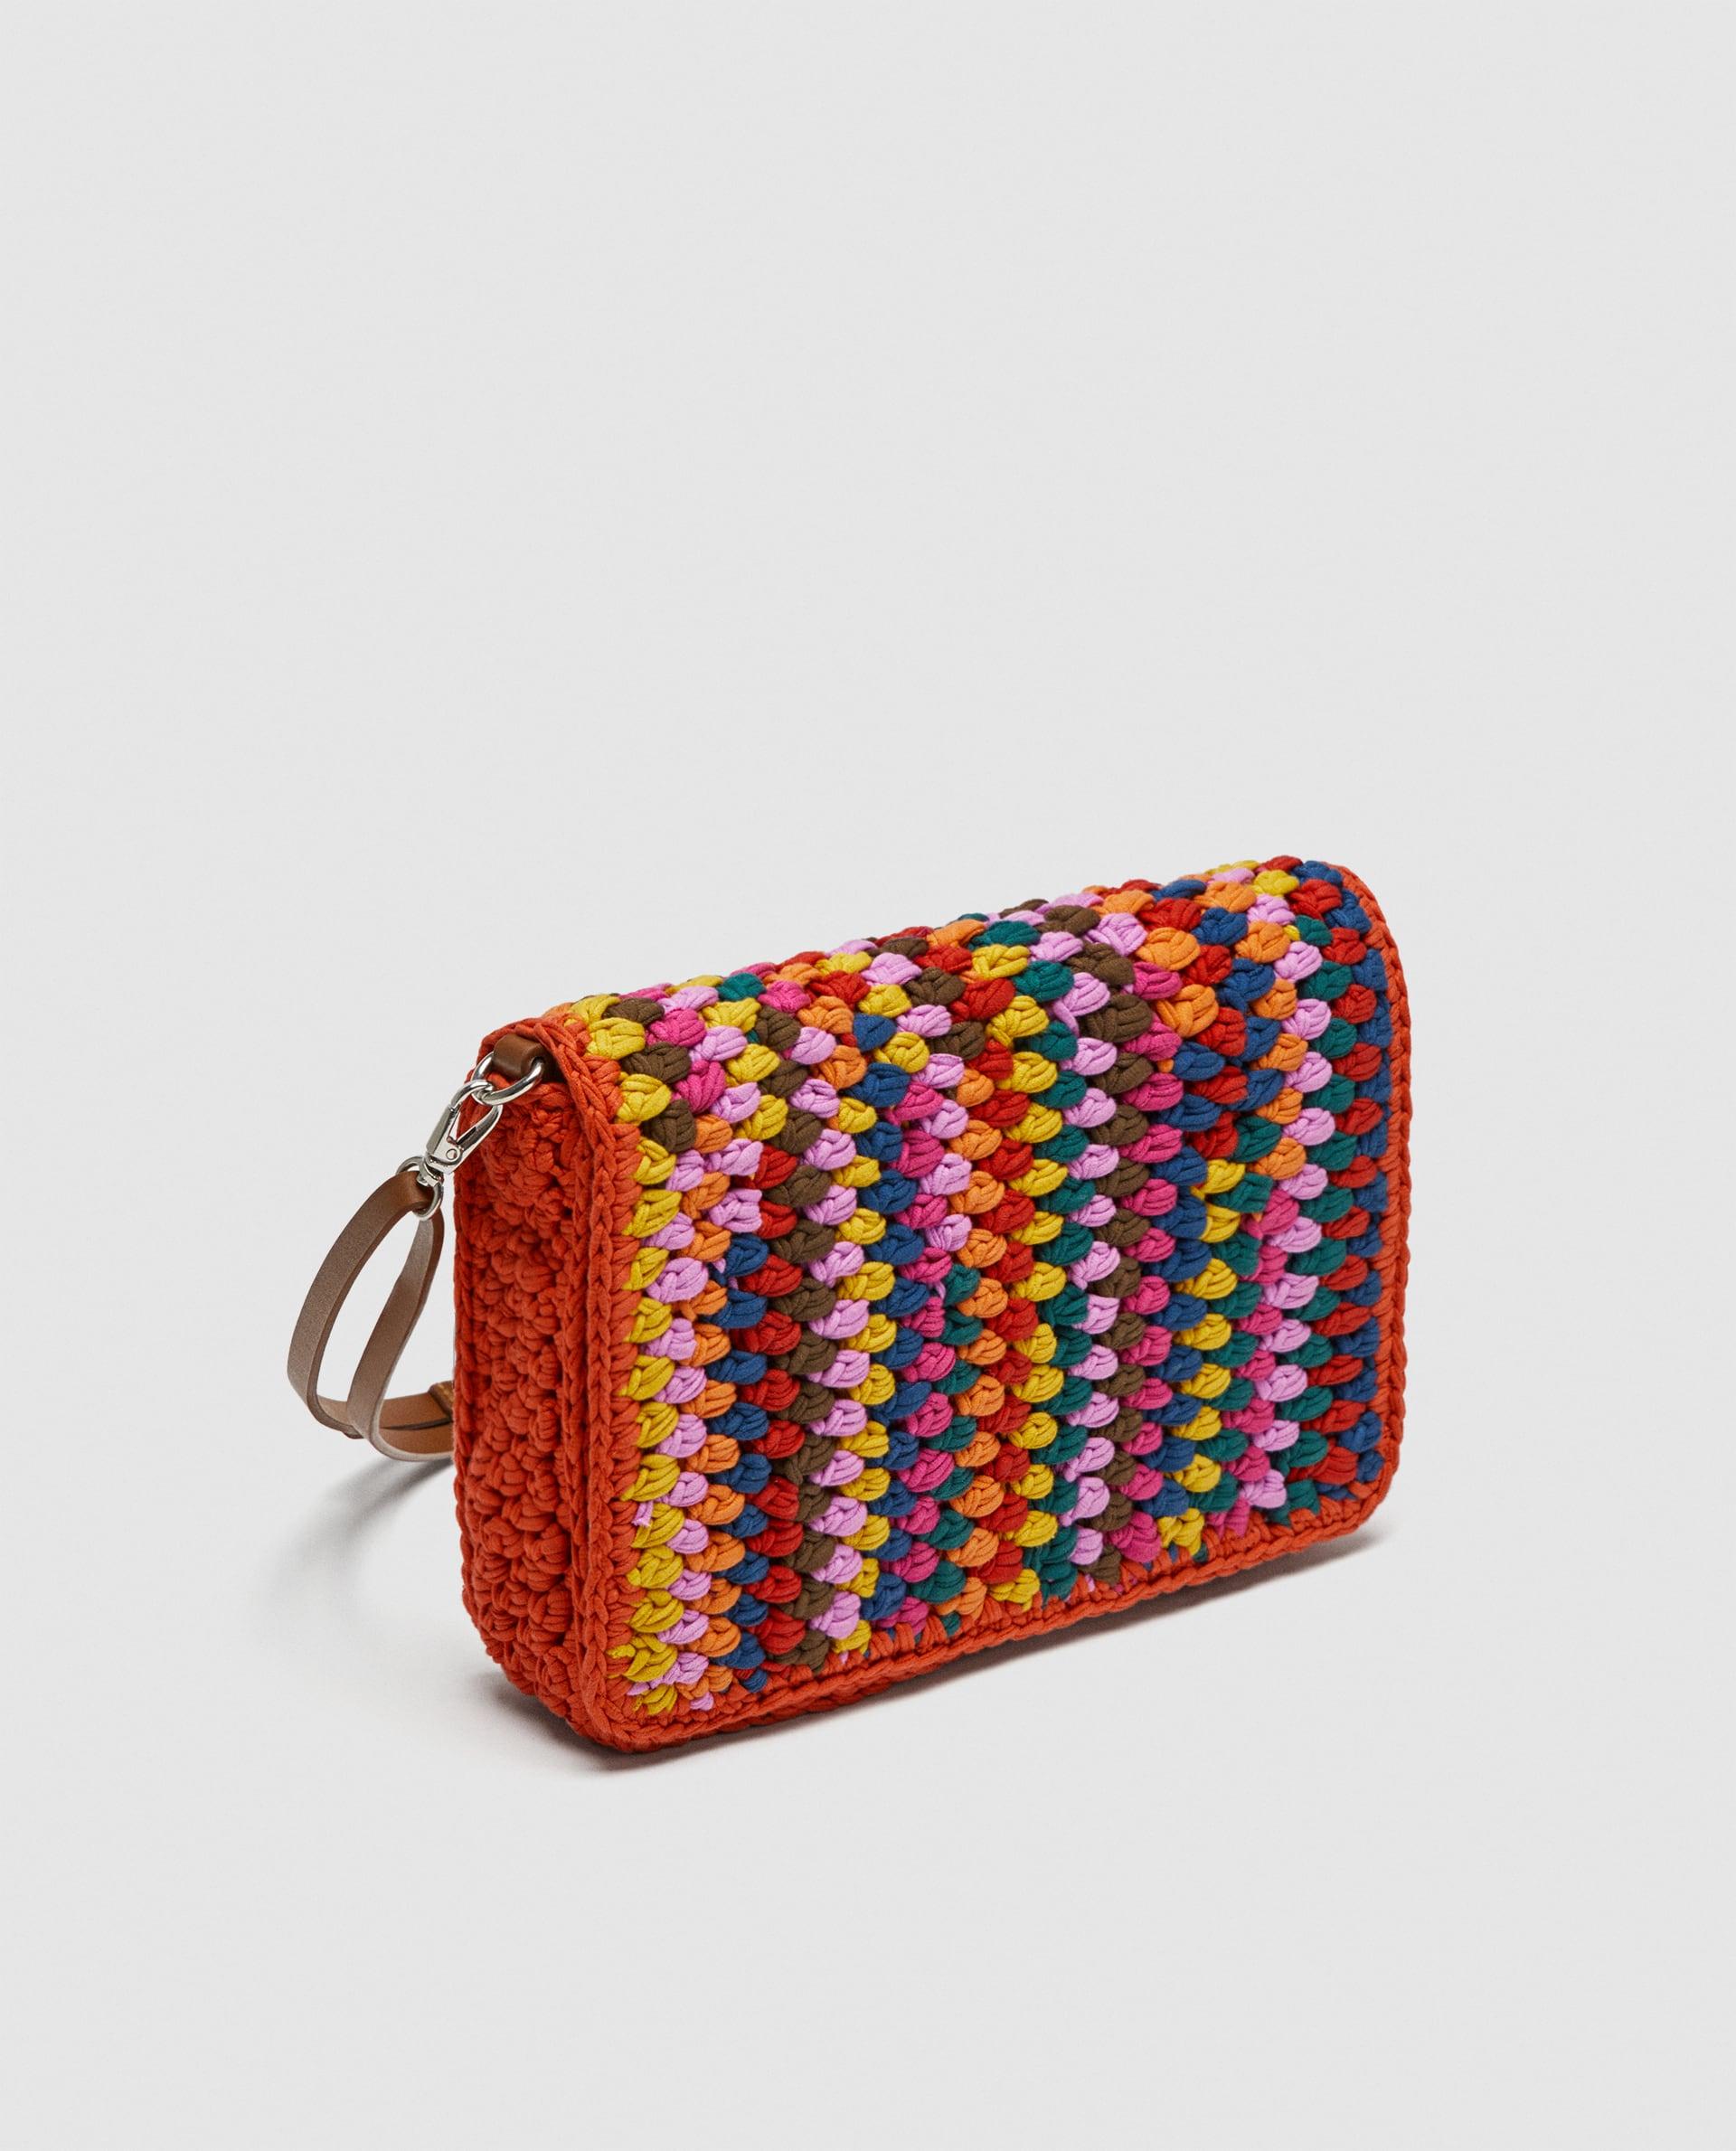 5. kép: Kötött táska Zara 19 995 Ft